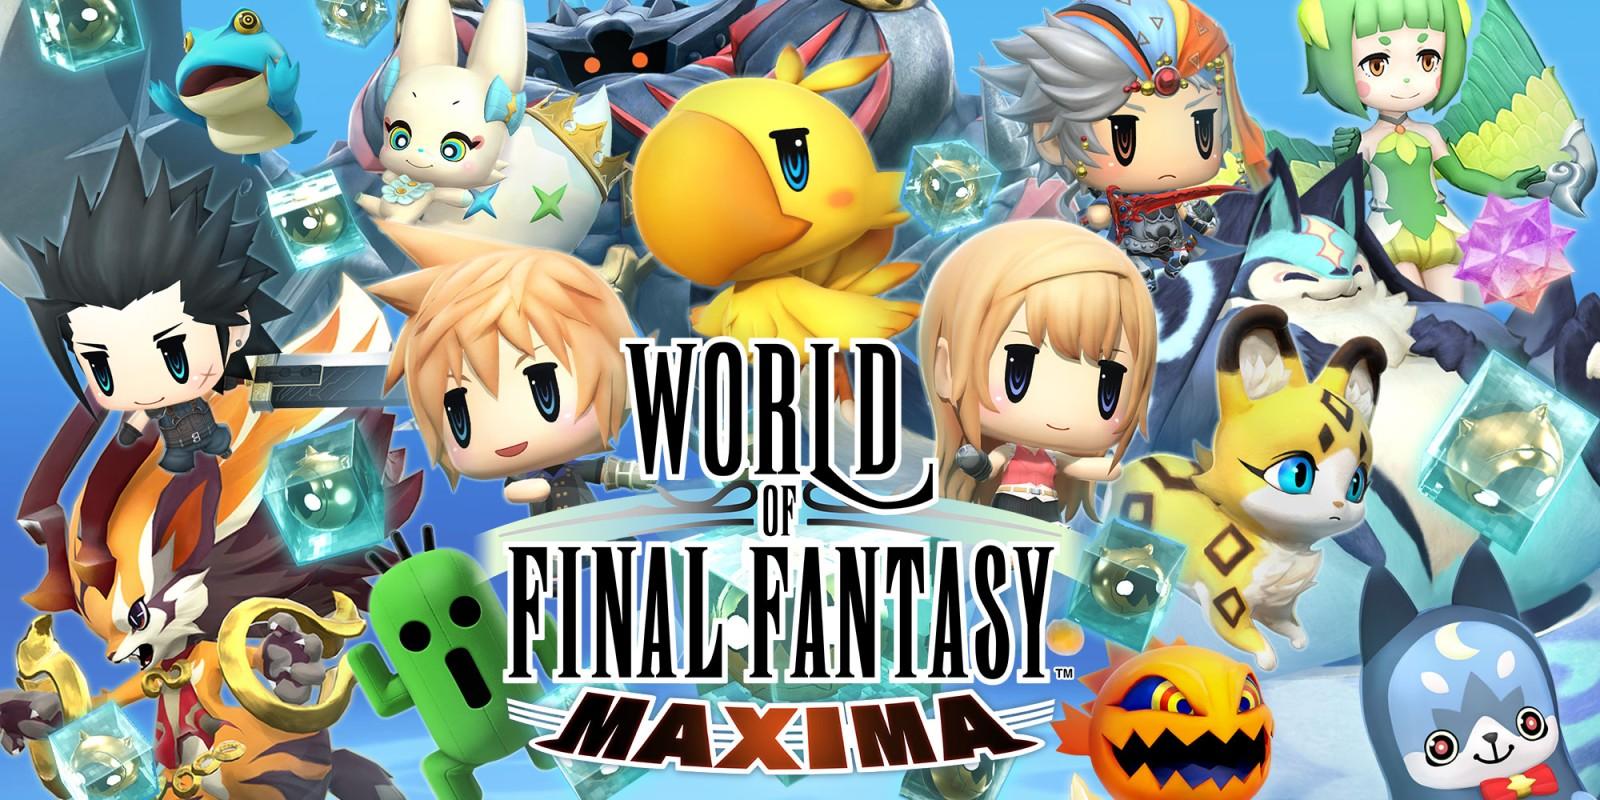 [Switch] World of Final Fantasy Maxima está com 50% de desconto na eShop